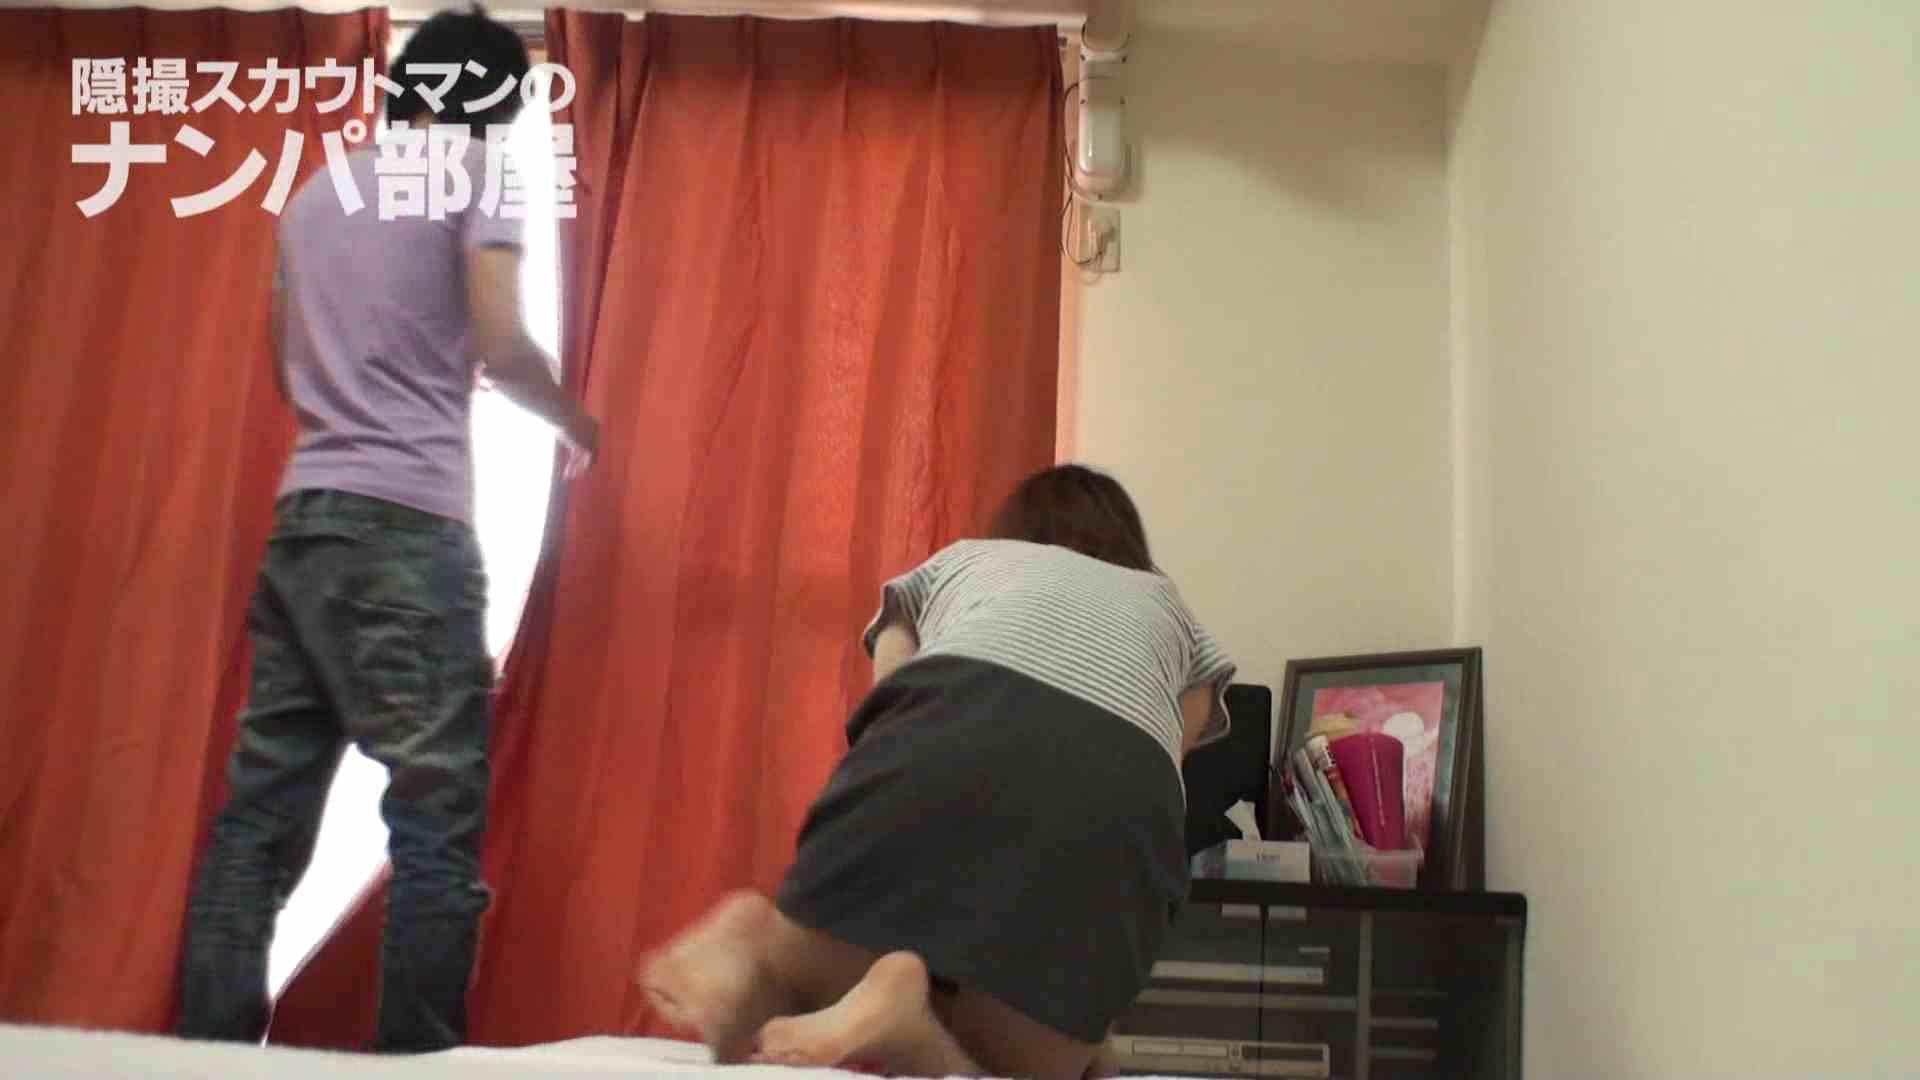 隠撮スカウトマンのナンパ部屋~風俗デビュー前のつまみ食い~ siivol.3 ナンパ  90連発 2